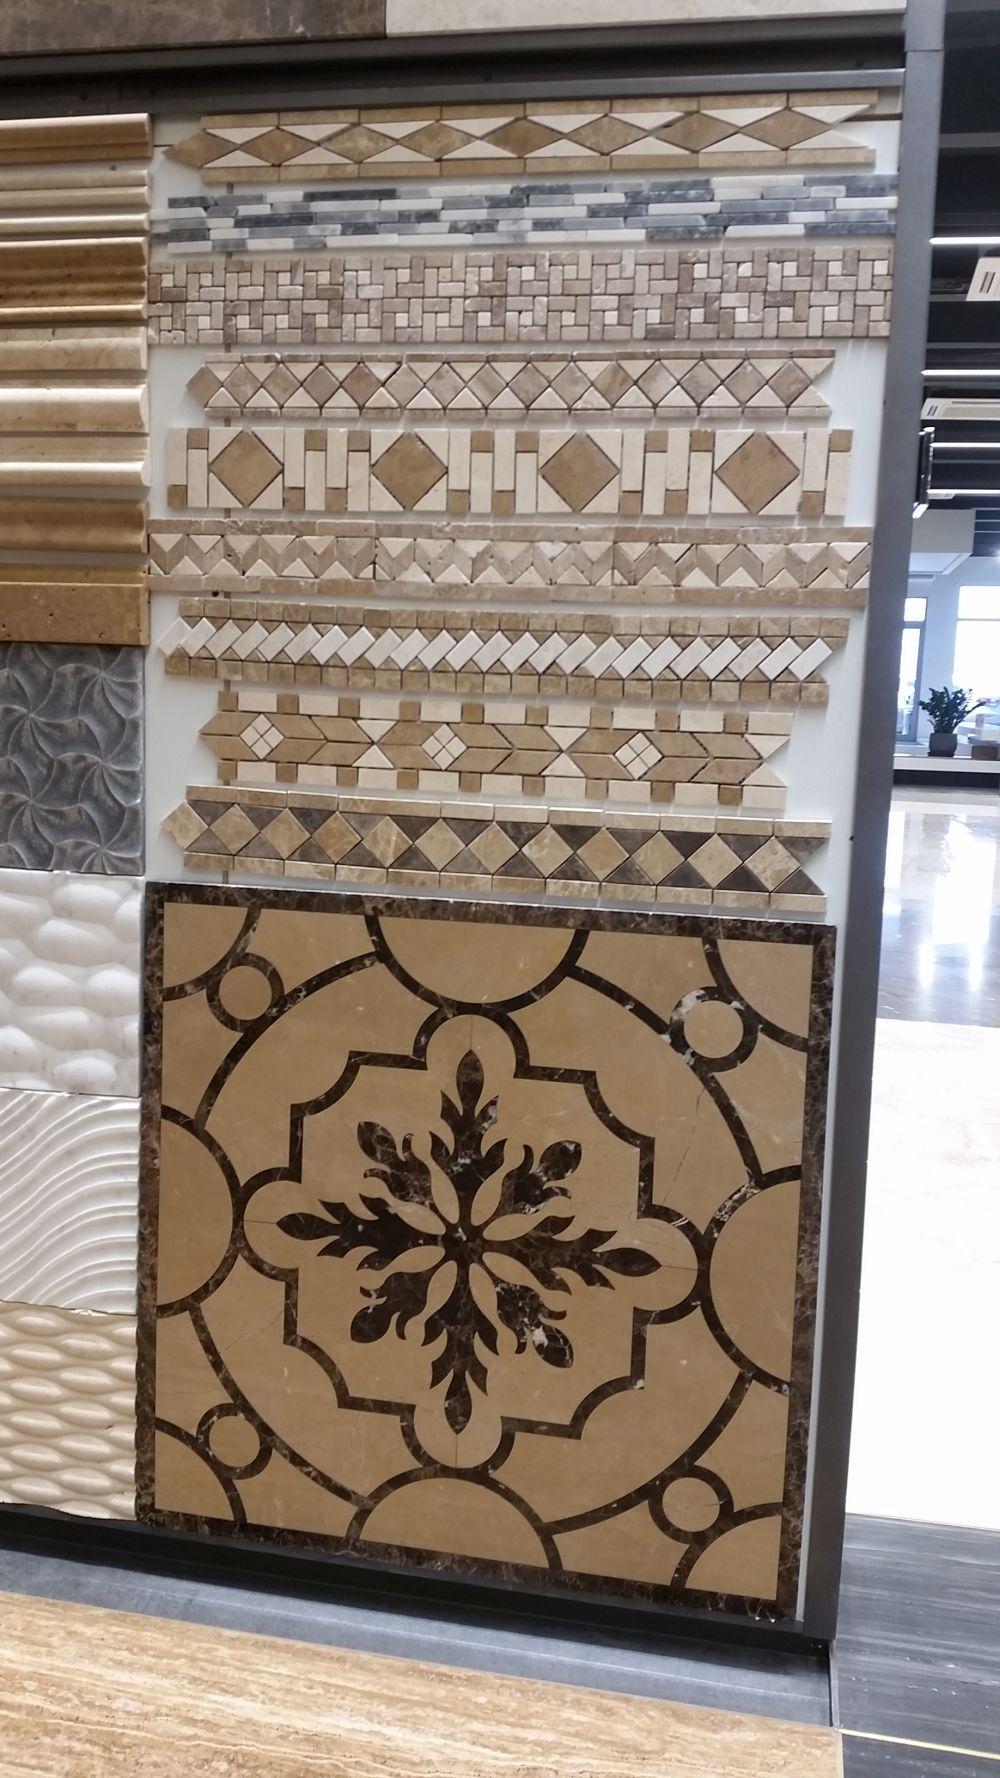 Tot ceea ce este în showroomul STONA este din piatră naturală, inclusiv plăci cu intarsii din piatră, dar și mozaic din piatră cu diverse modele.